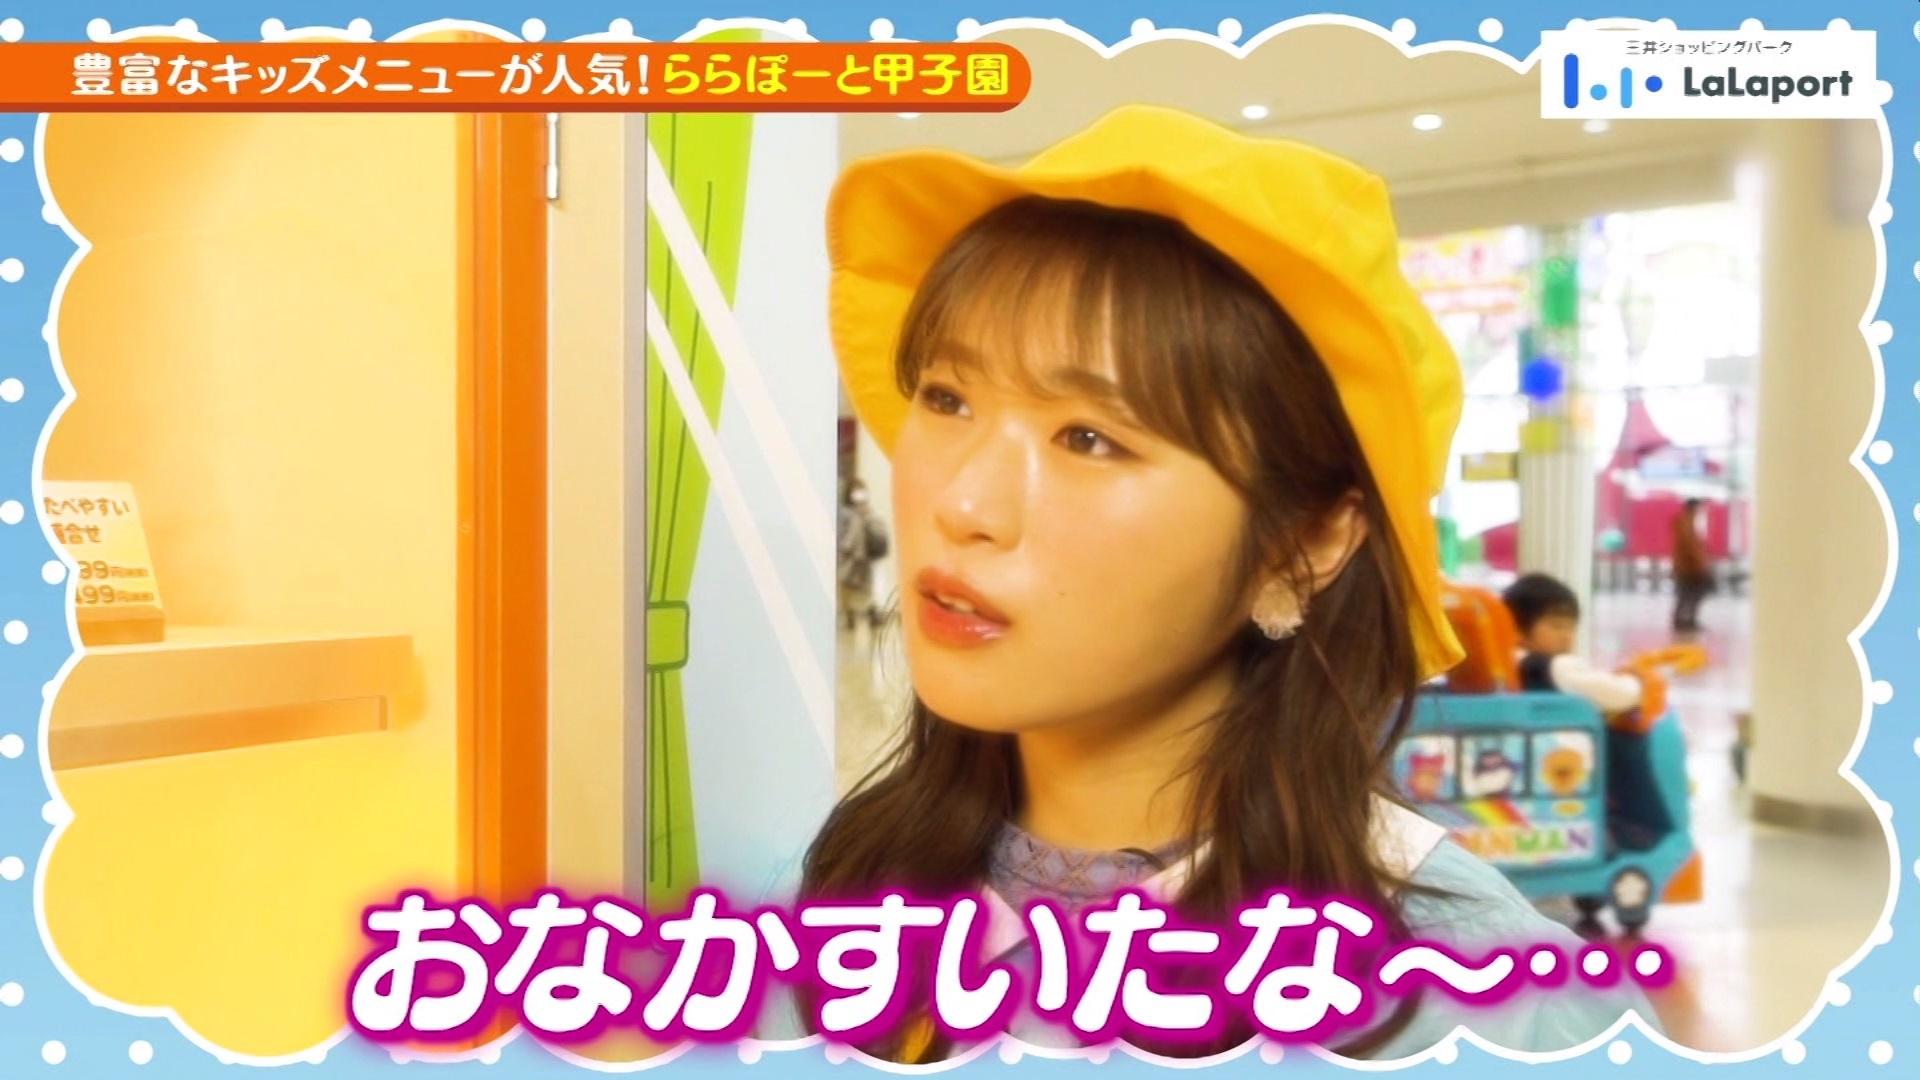 【渋谷凪咲】2月に「ちちんぷいぷい」内で放送されたなぎさ出演「ららぽーと」CM動画6本が公開